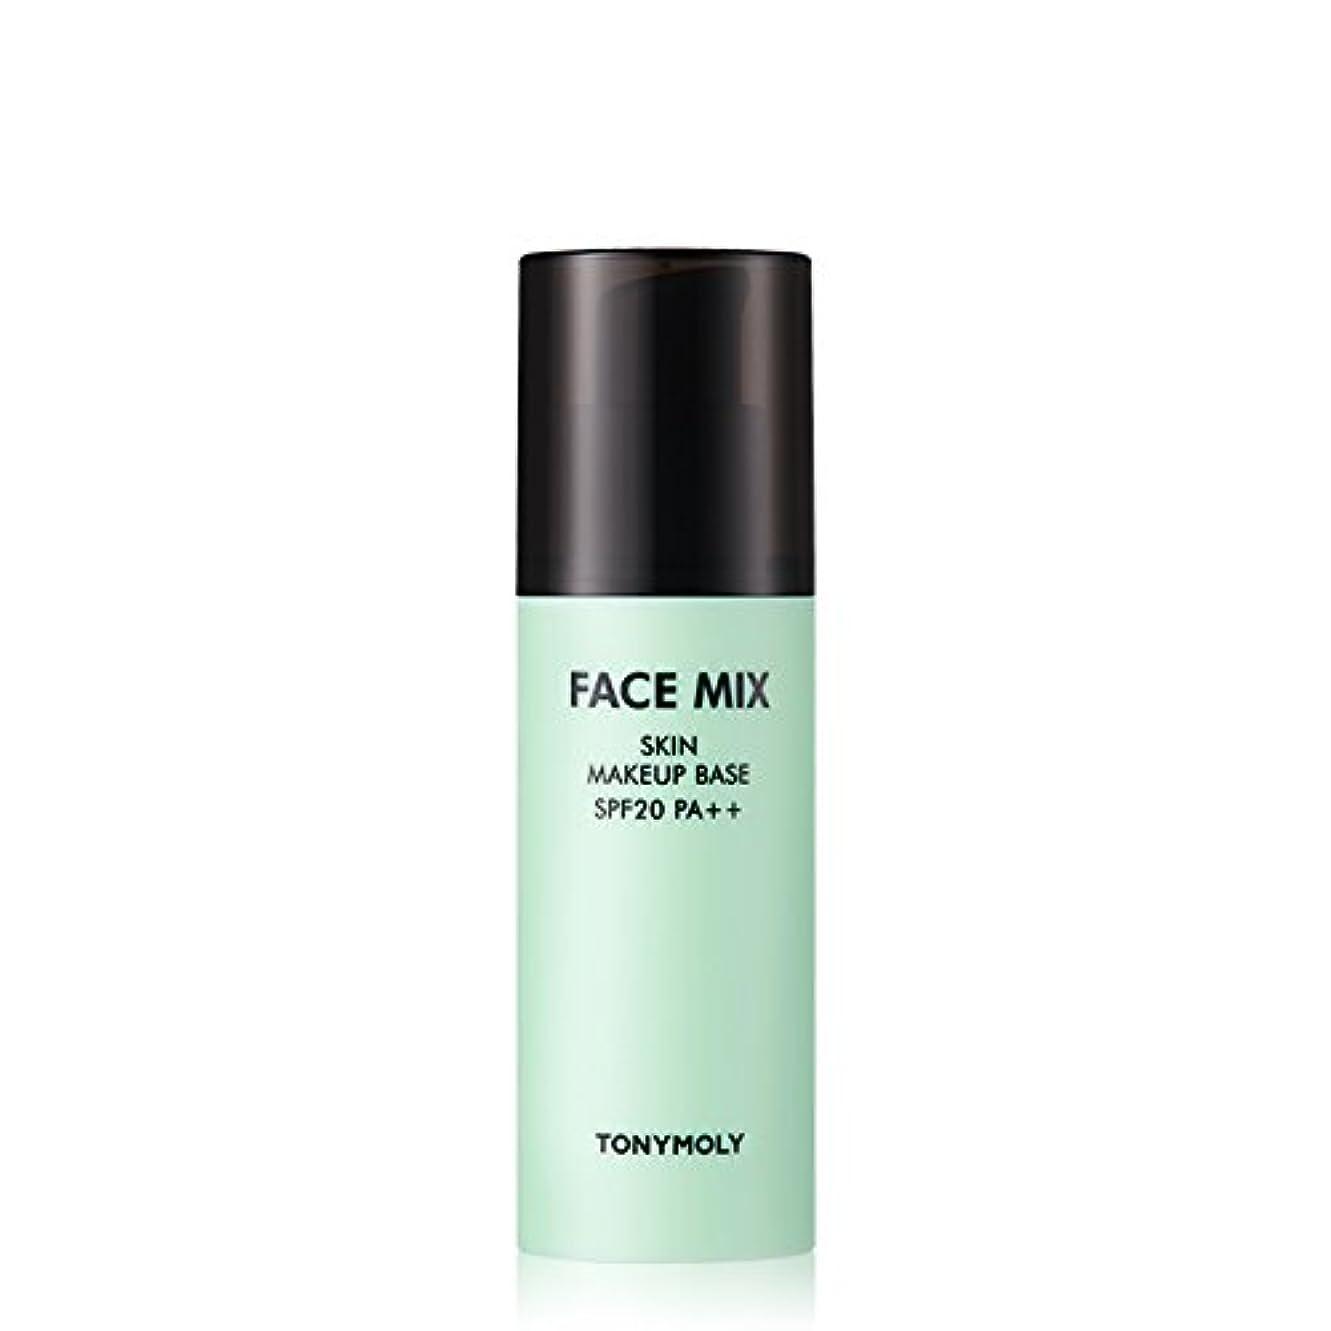 神学校柔らかい足リーン# 01 Green TONYMOLY Face Mix Skin Make up Base トニーモリー フェイスミックス スキン メイクアップベース [並行輸入品]